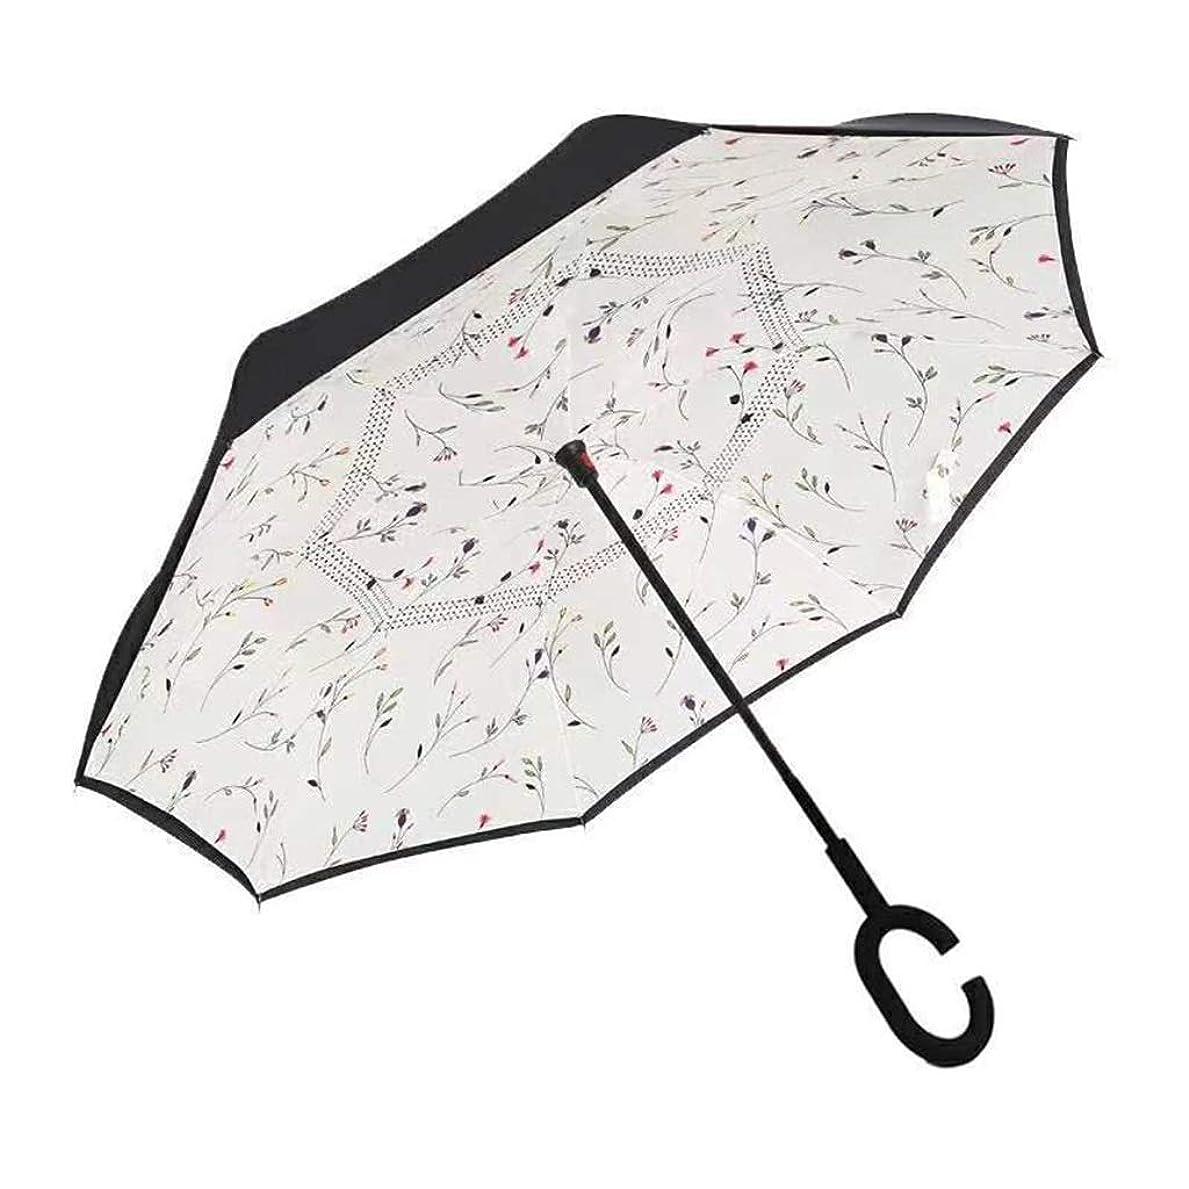 毎日散文予防接種YSYYSH 傘逆傘ハンズフリーロングハンドル傘C字型のハンドルはライチを保持し、高速乾燥124 CM×80 CMに快適です。 クラシック傘